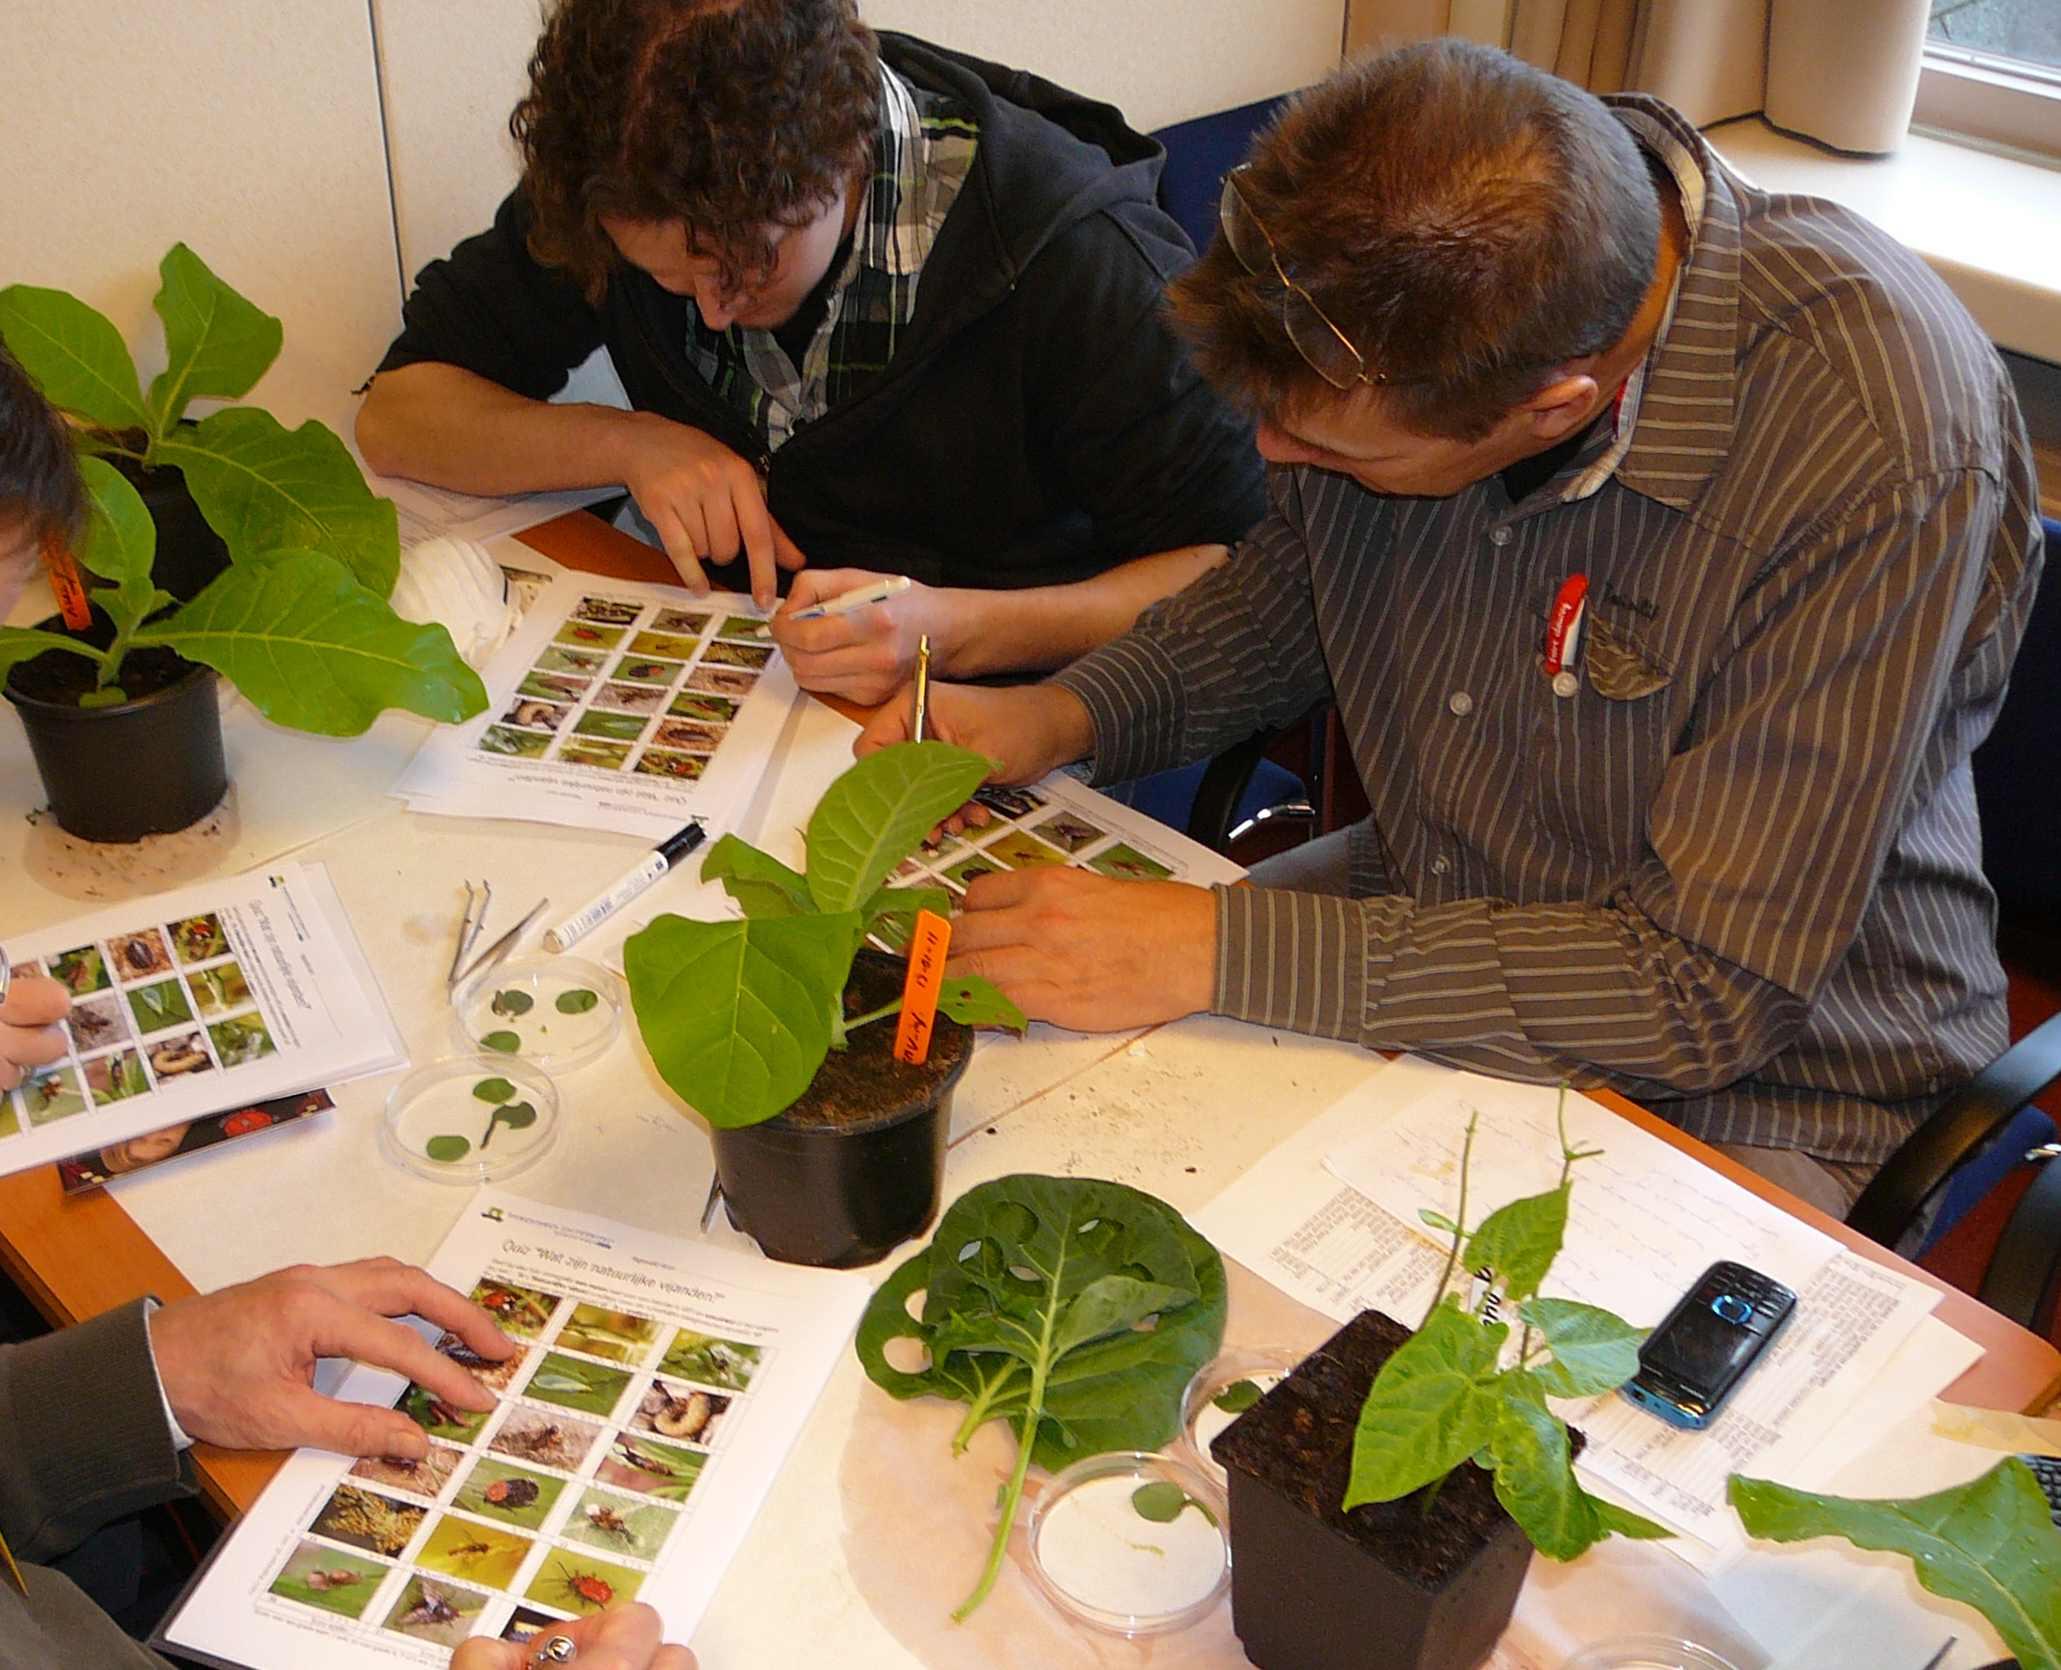 Planten in de klas. Ook leuk om proefjes mee te doen. Foto: Jan-Kees Goud.